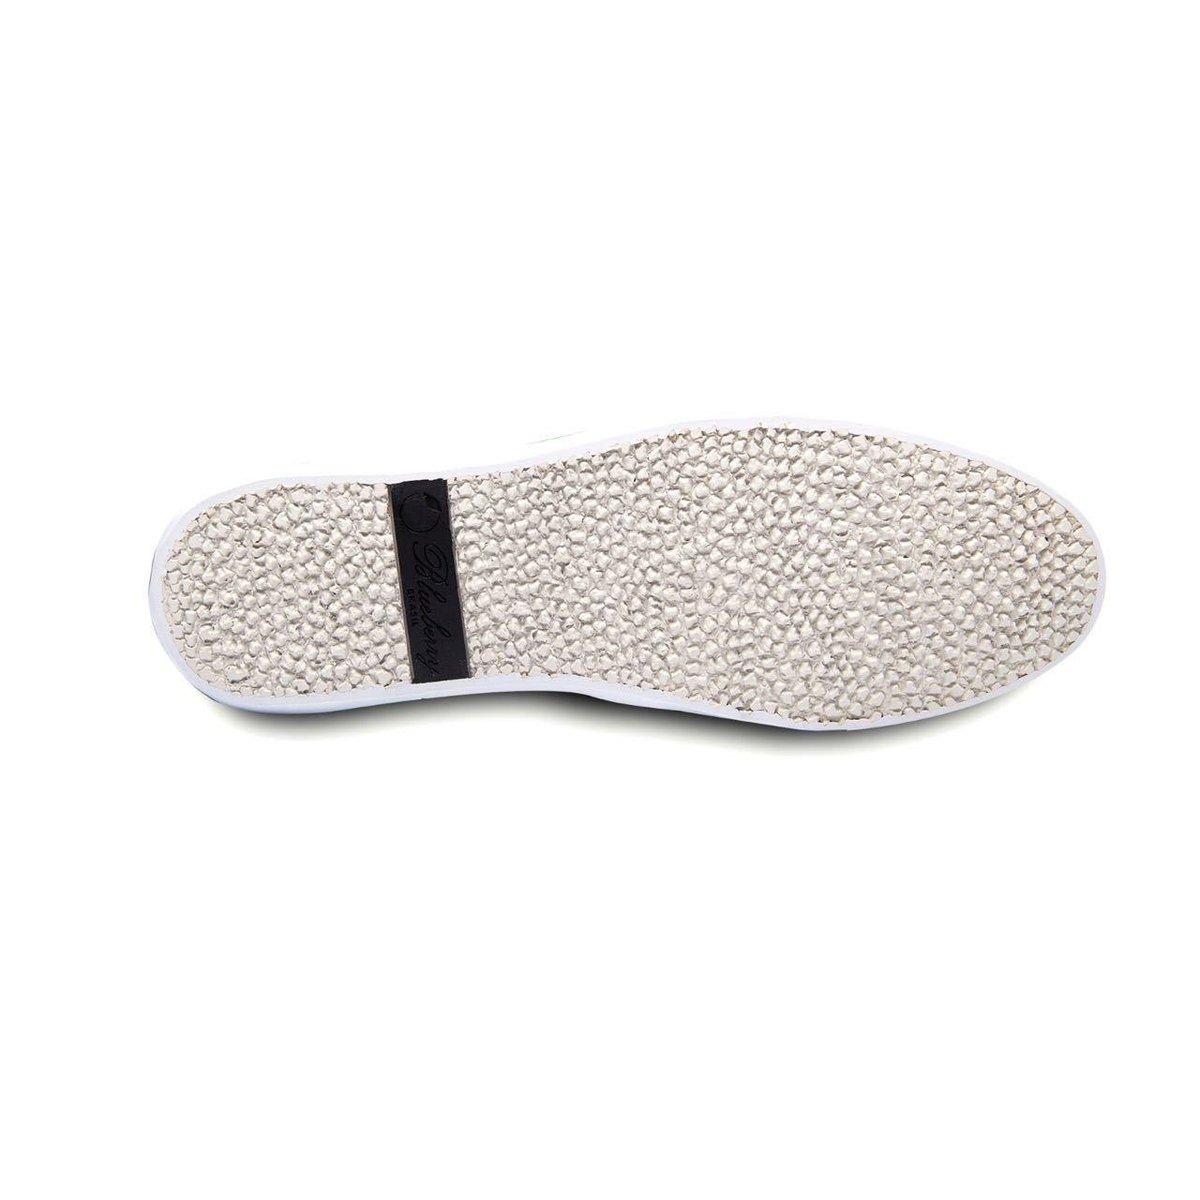 fd538f4ef Sapatenis Masculino London - Jeans - Compre Agora   Zattini